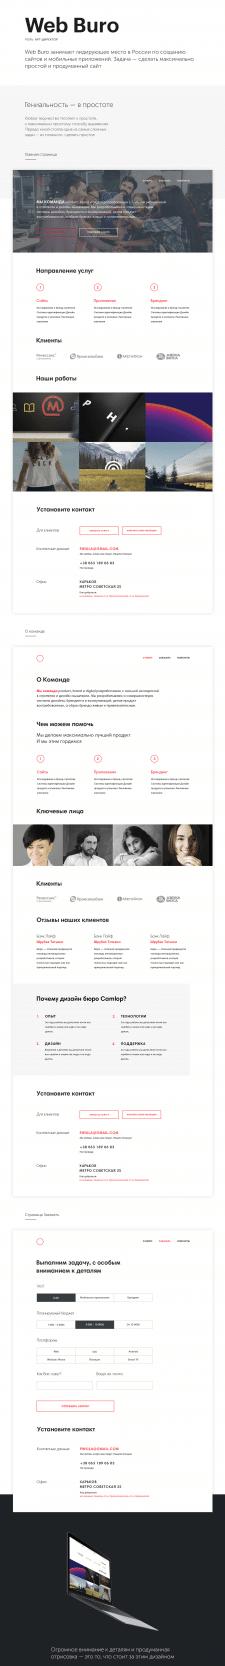 WebBuro